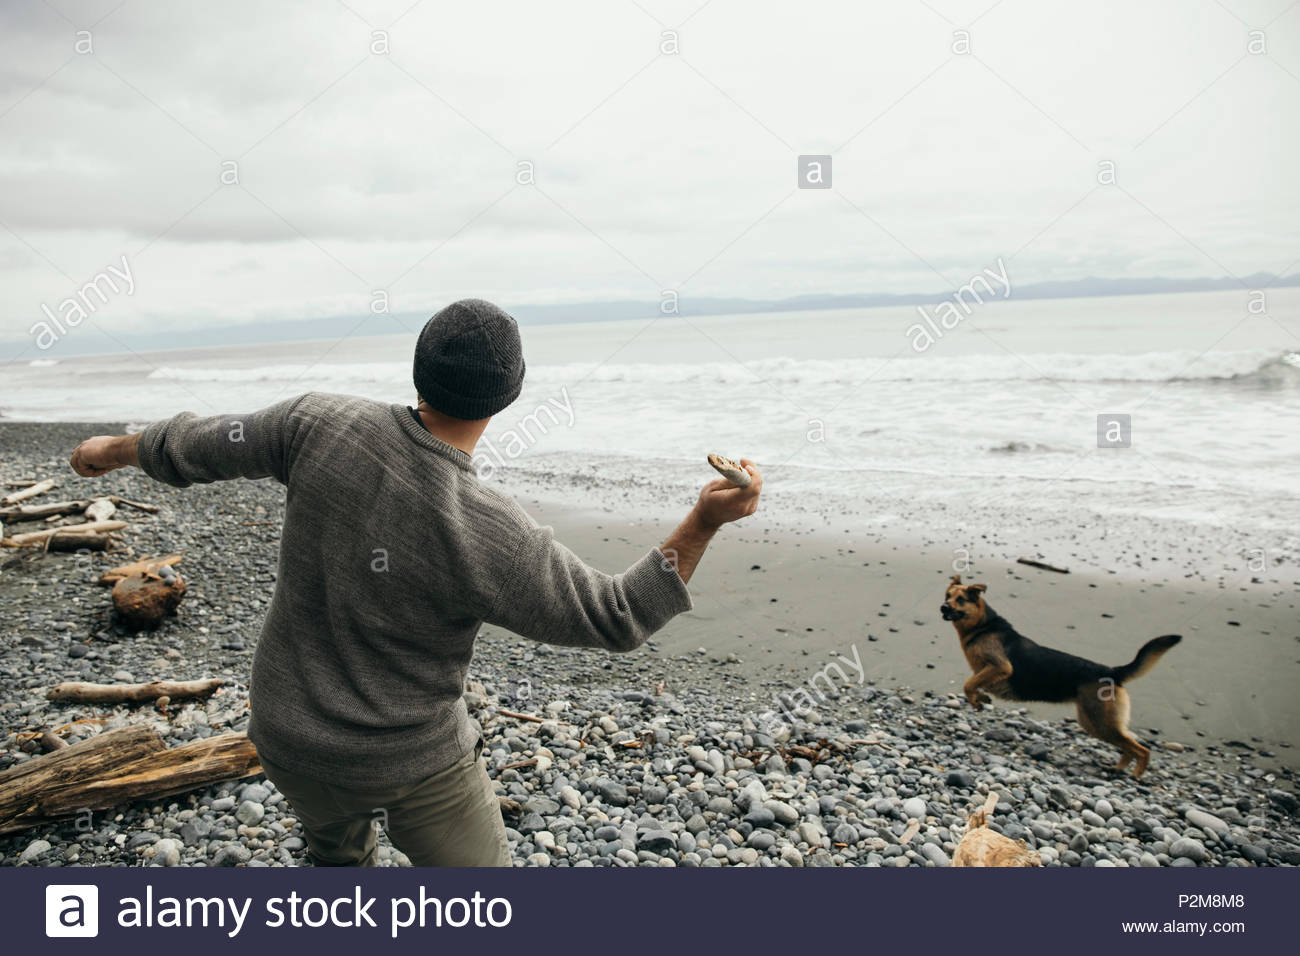 El hombre arrojar stick para perro en la playa resistente Imagen De Stock